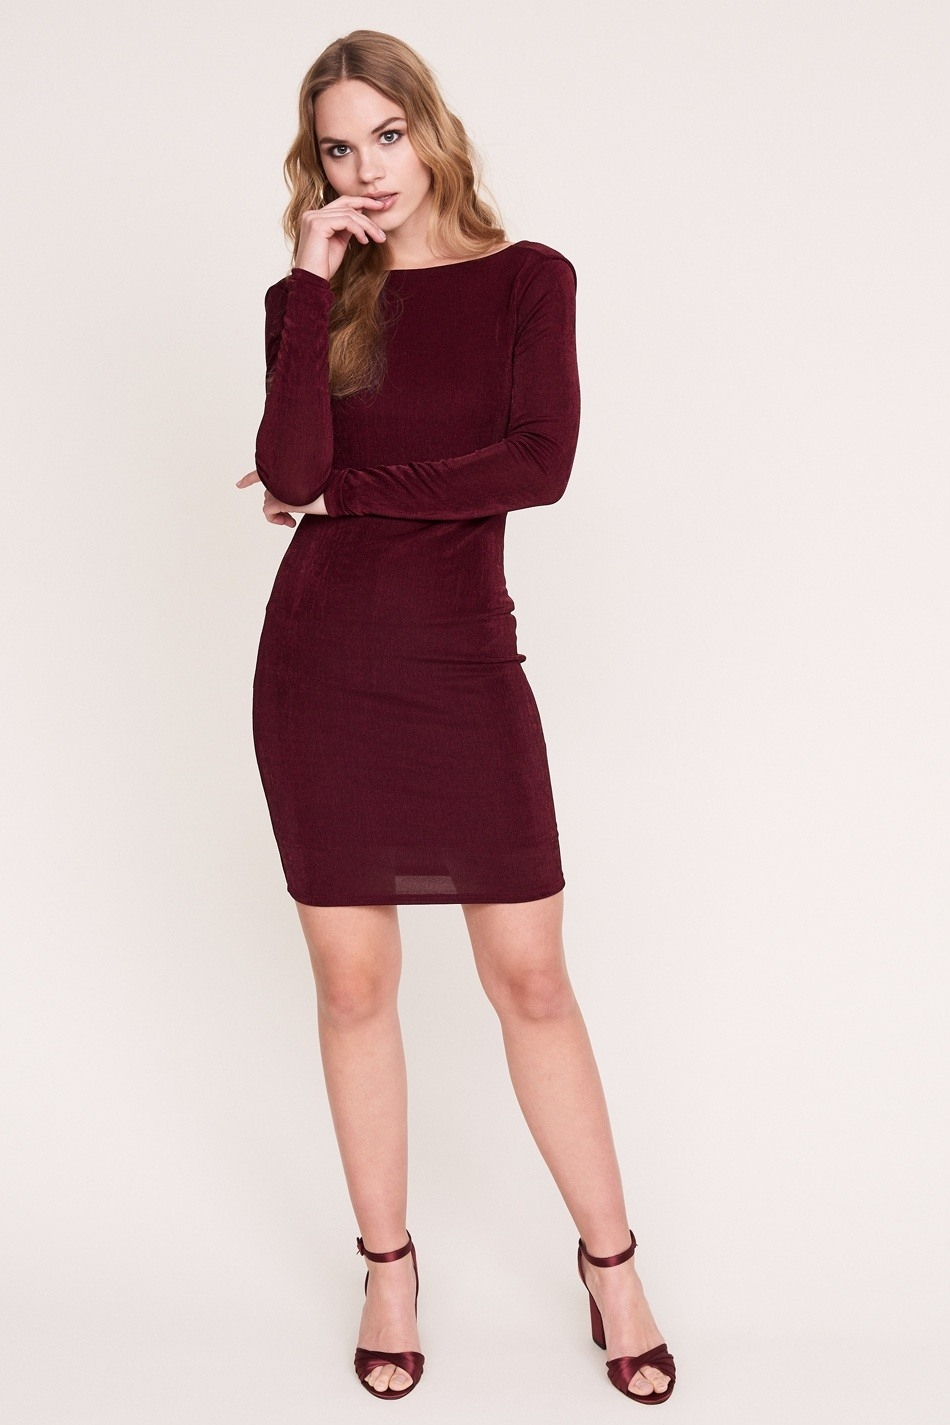 15 Kreativ Rückenfreies Kleid Ärmel13 Luxurius Rückenfreies Kleid Vertrieb